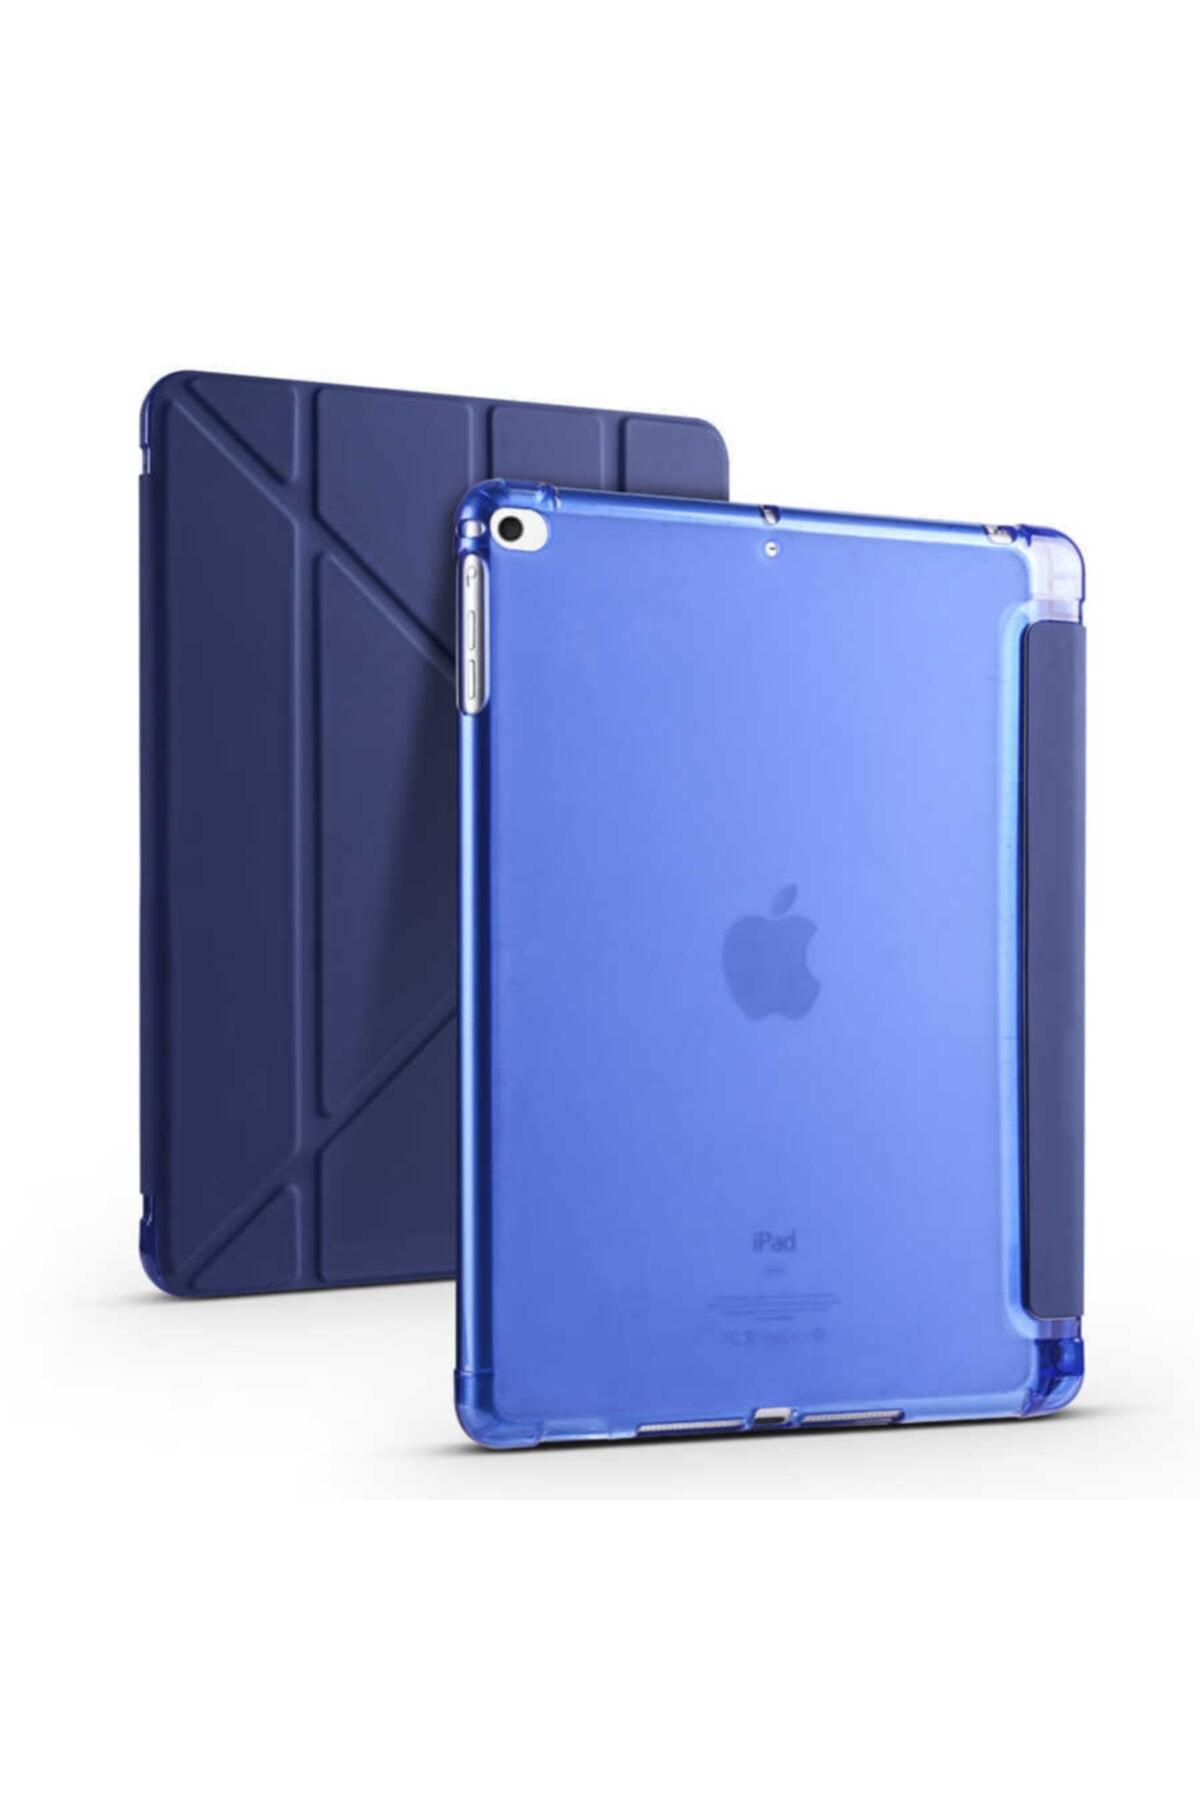 carına vannı Apple Ipad 9.7 2018 Uyumlu Lacivert,kalem Bölmeli Katlanabilir Tablet Kılıfı,standlı Kılıf Pnd 1